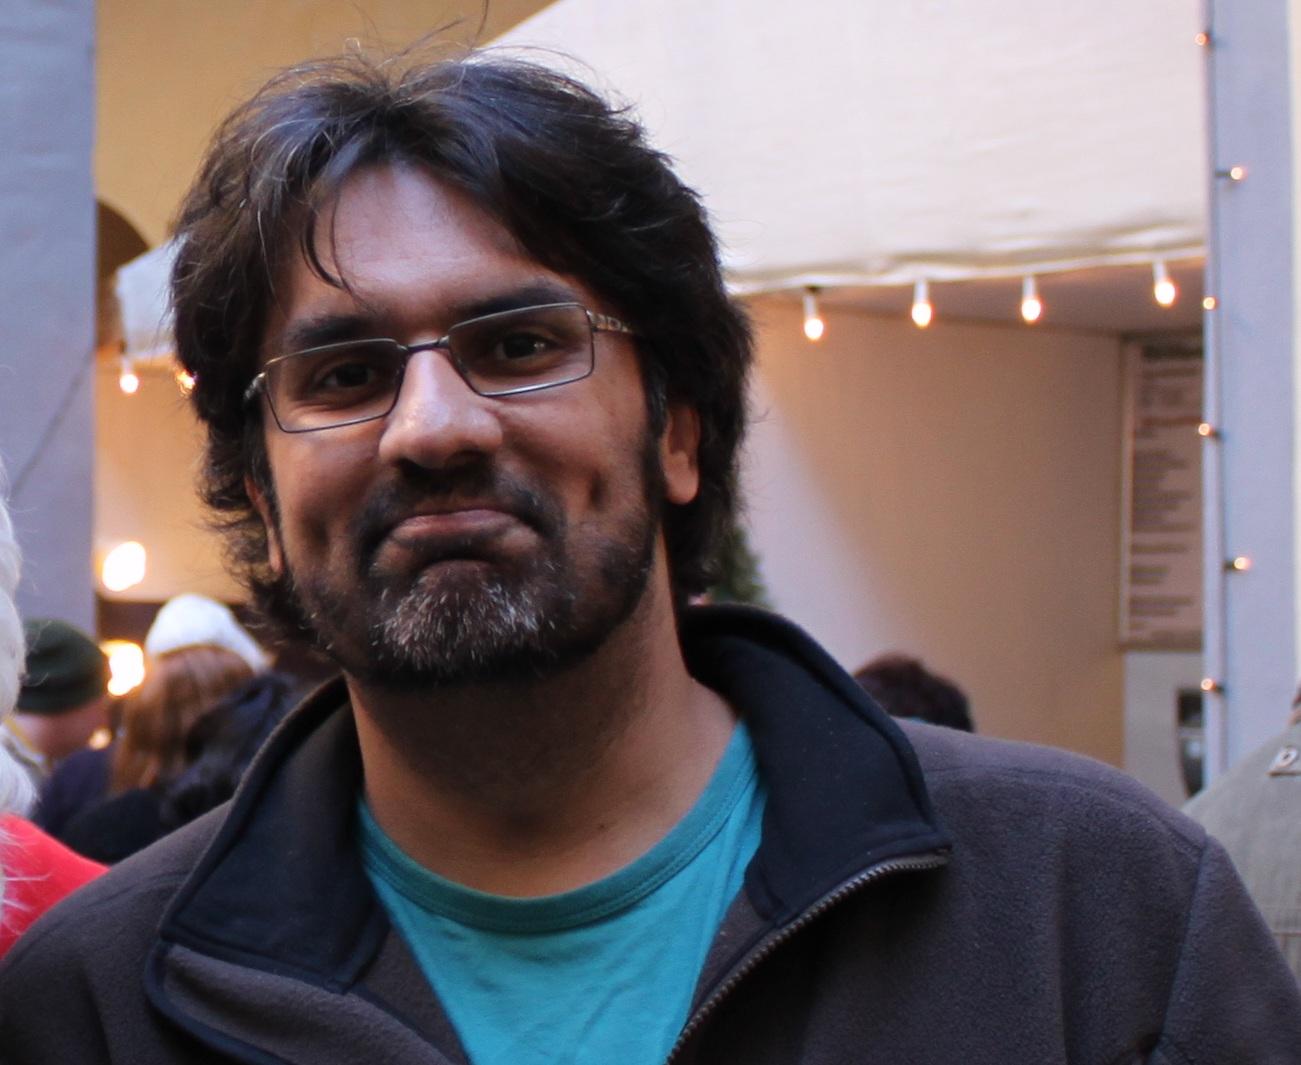 Nabil Mustafa